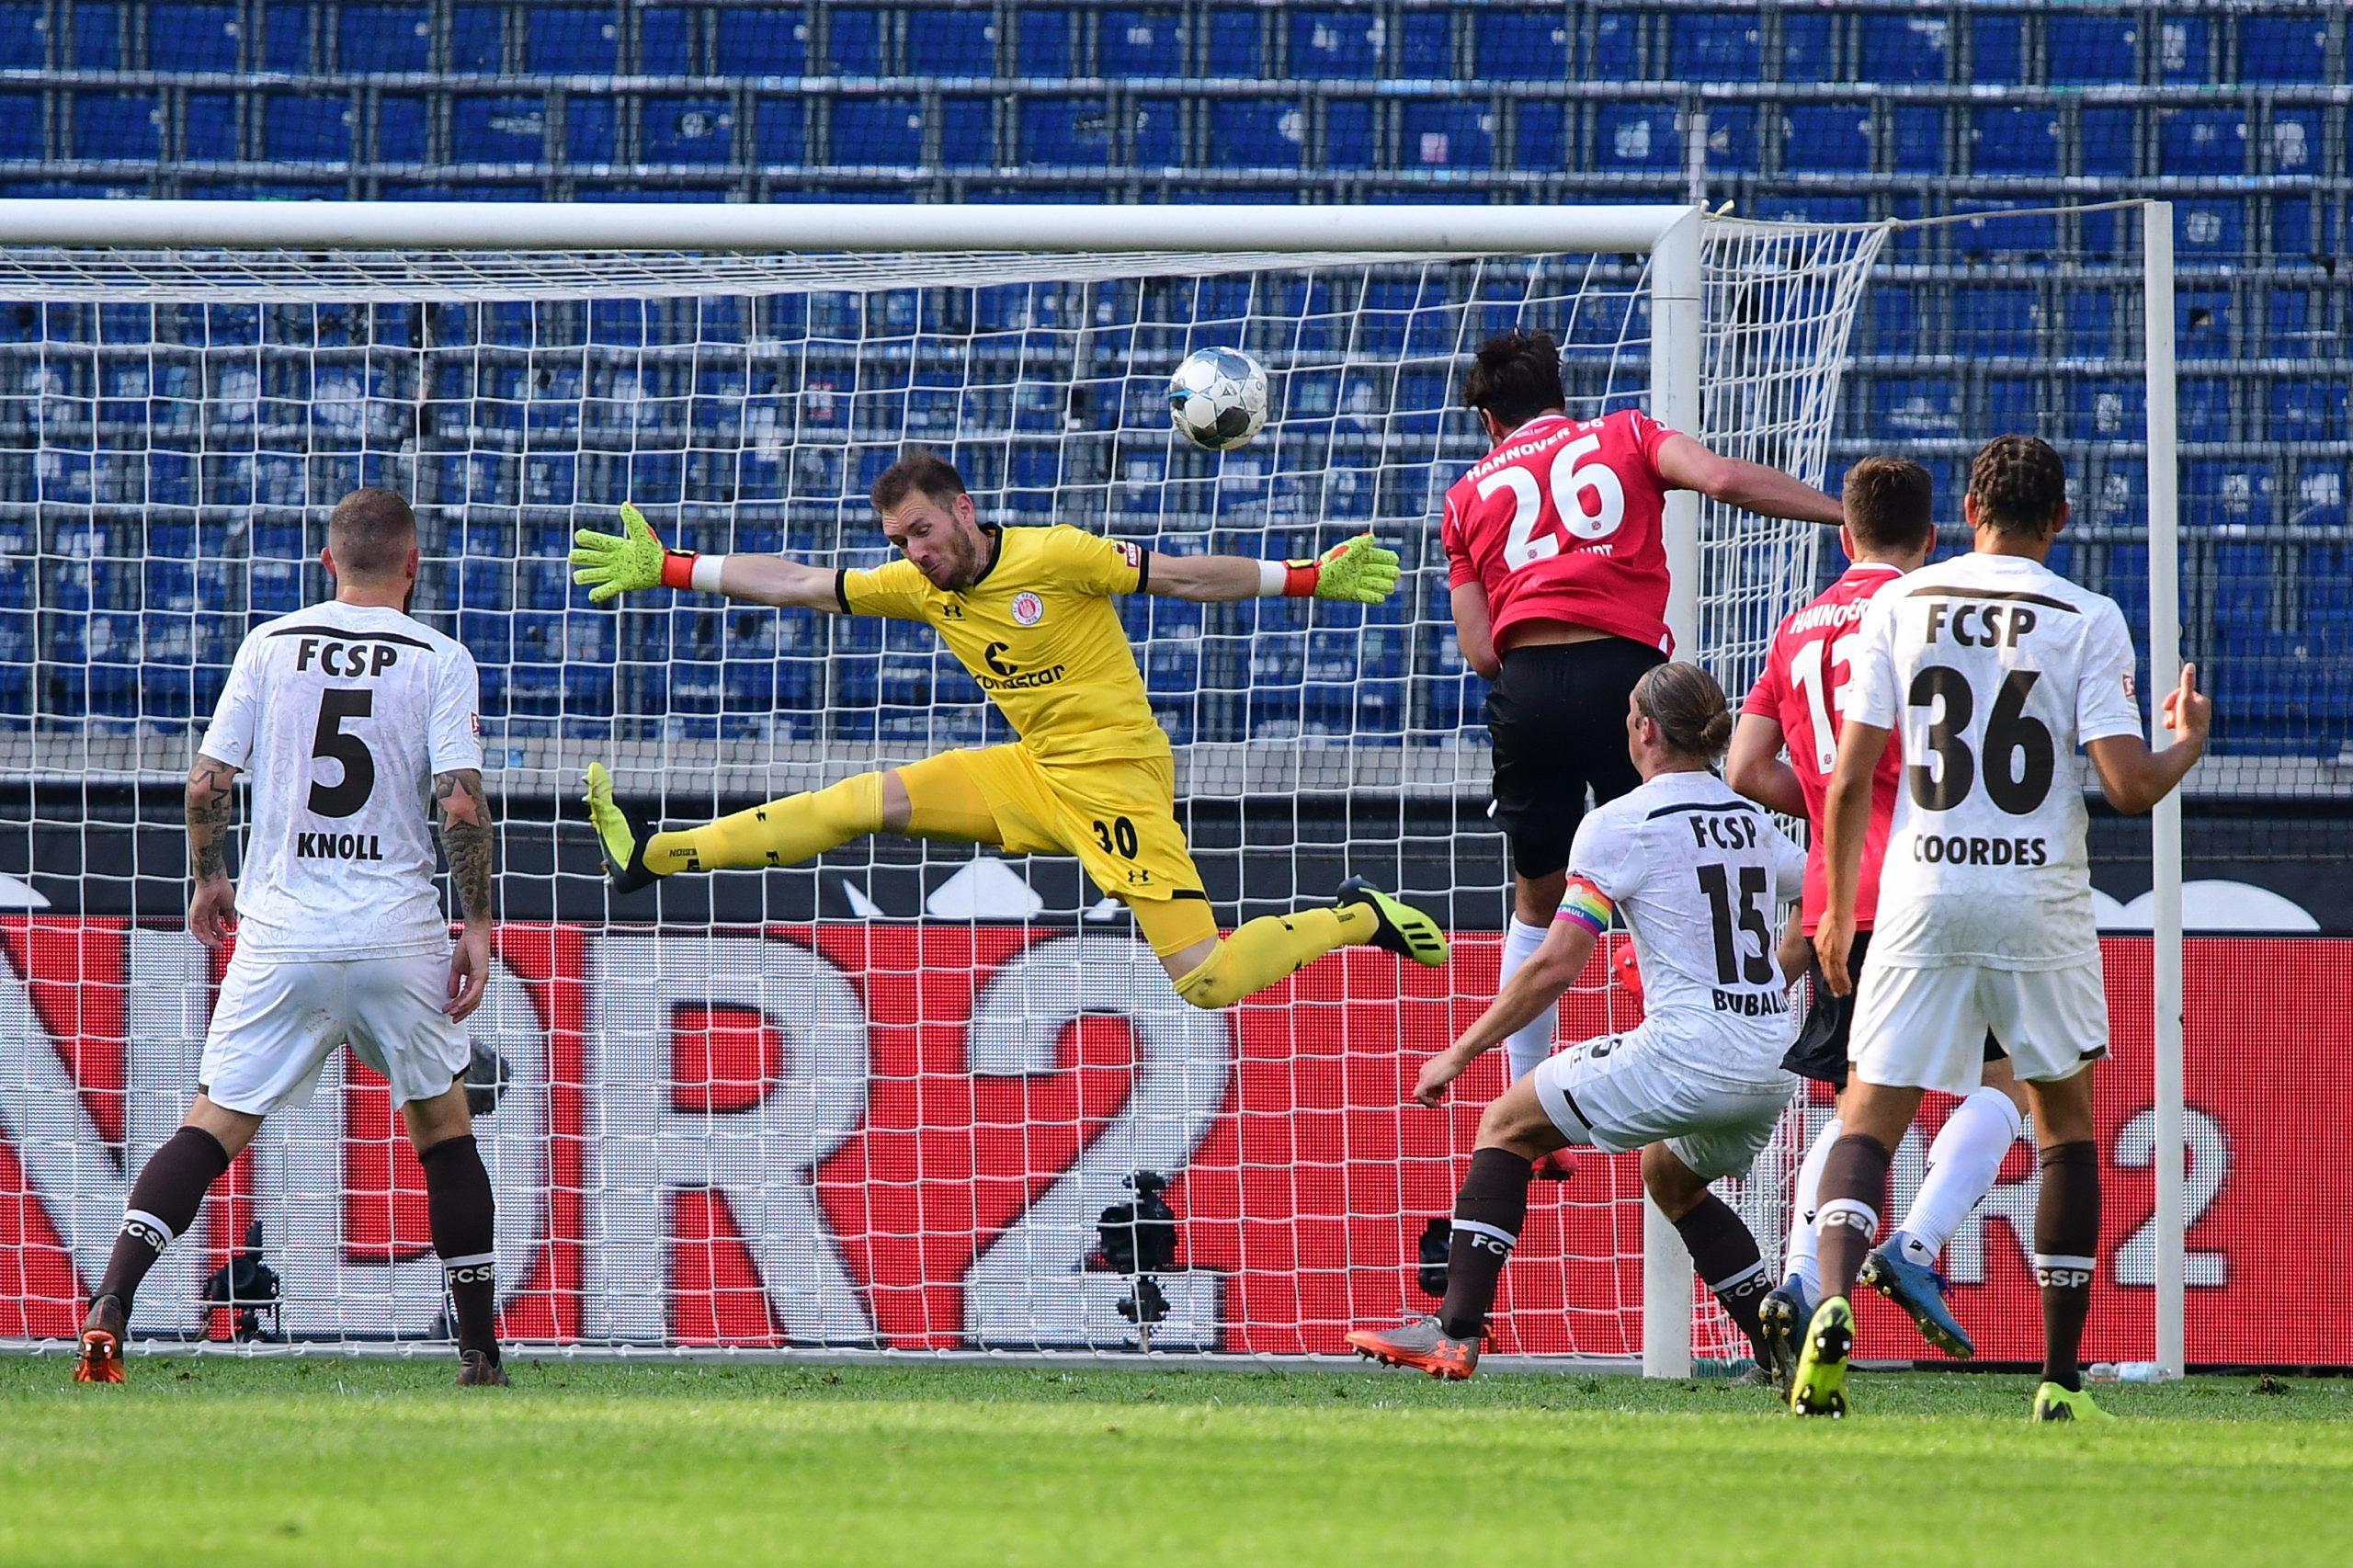 Vor dem Spiel – Hannover 96 (A) – Spieltag 16 – Saison 2020/21